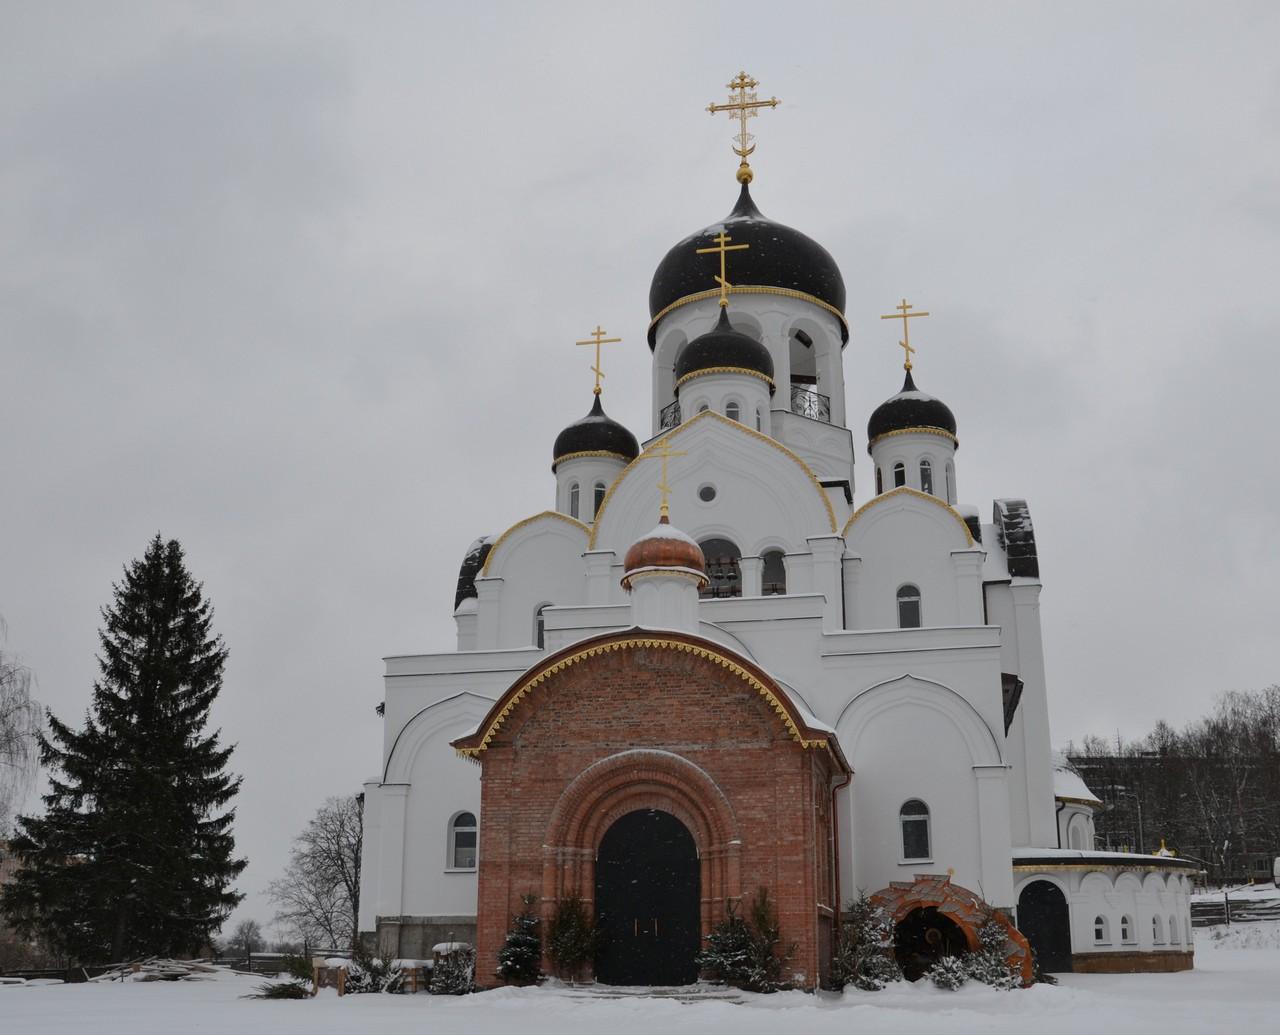 Фото: voskresenskoe-hram.ru